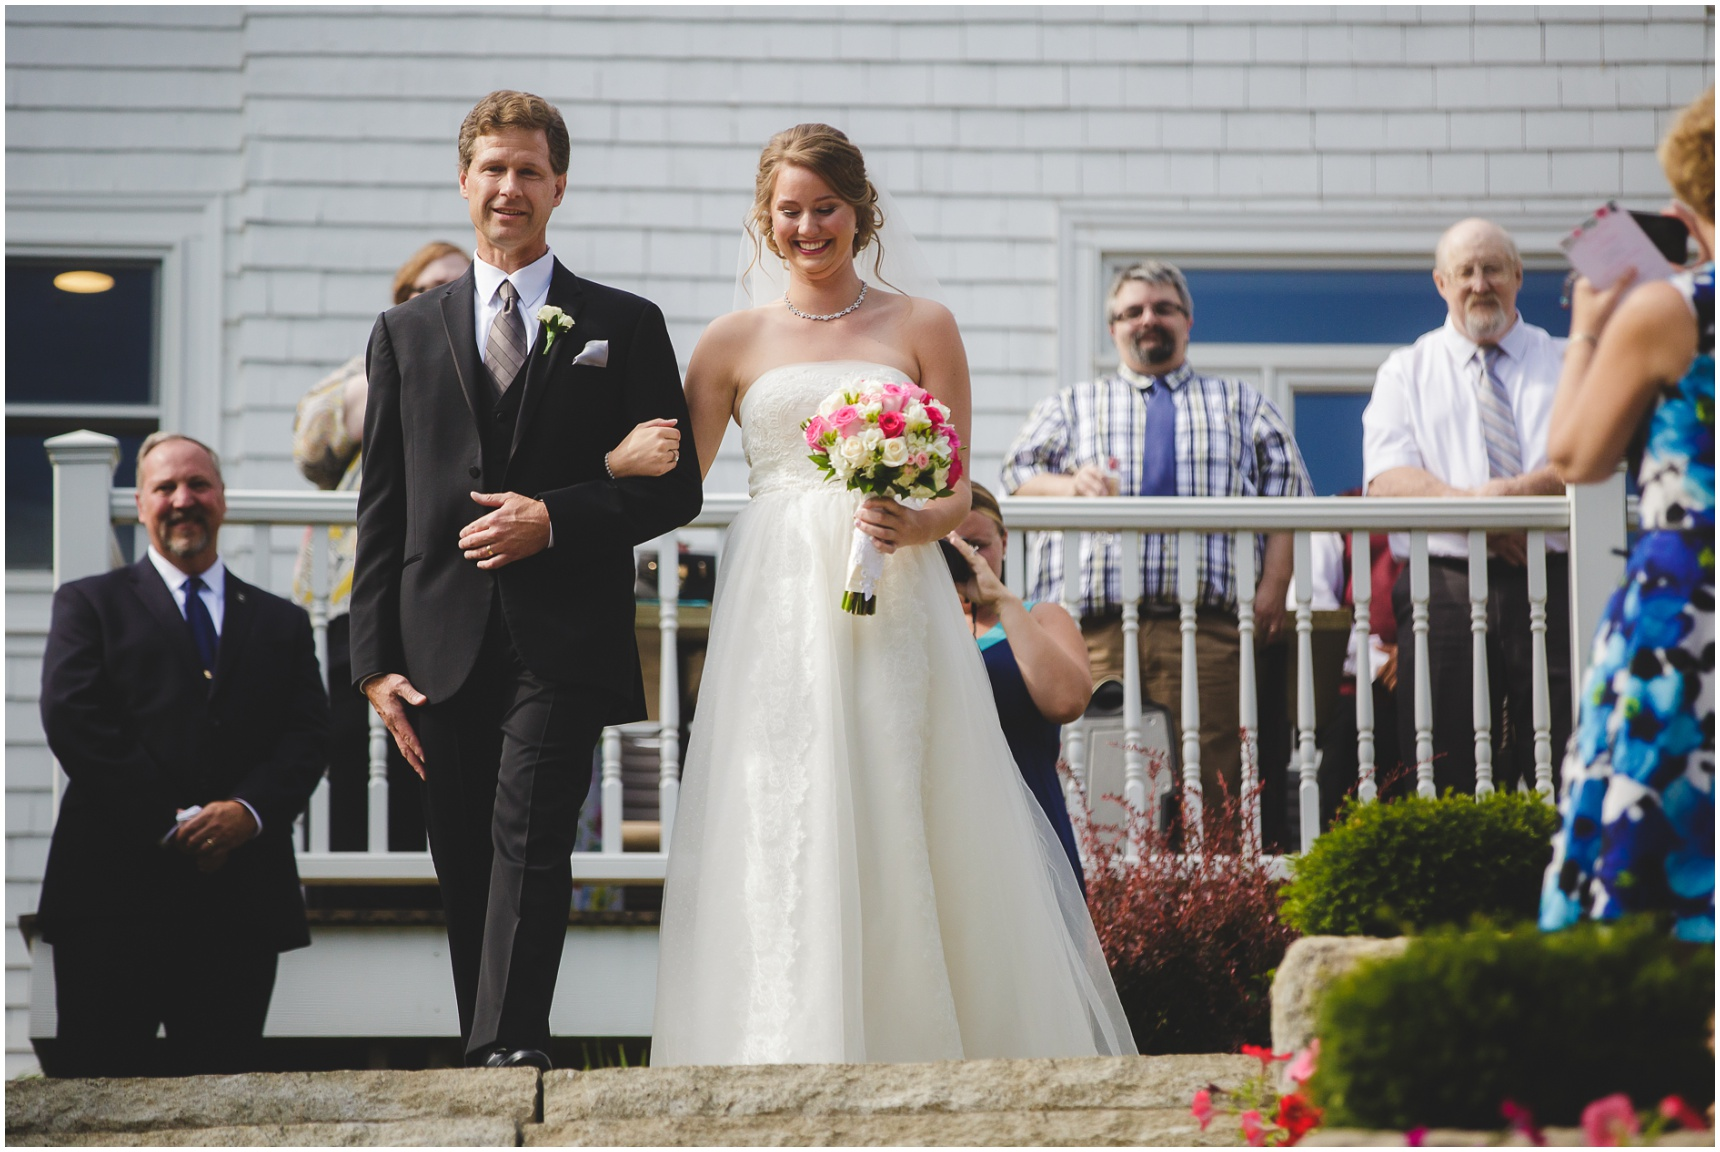 Buffalo-Avanti-Wedding-Photographer_021.jpg